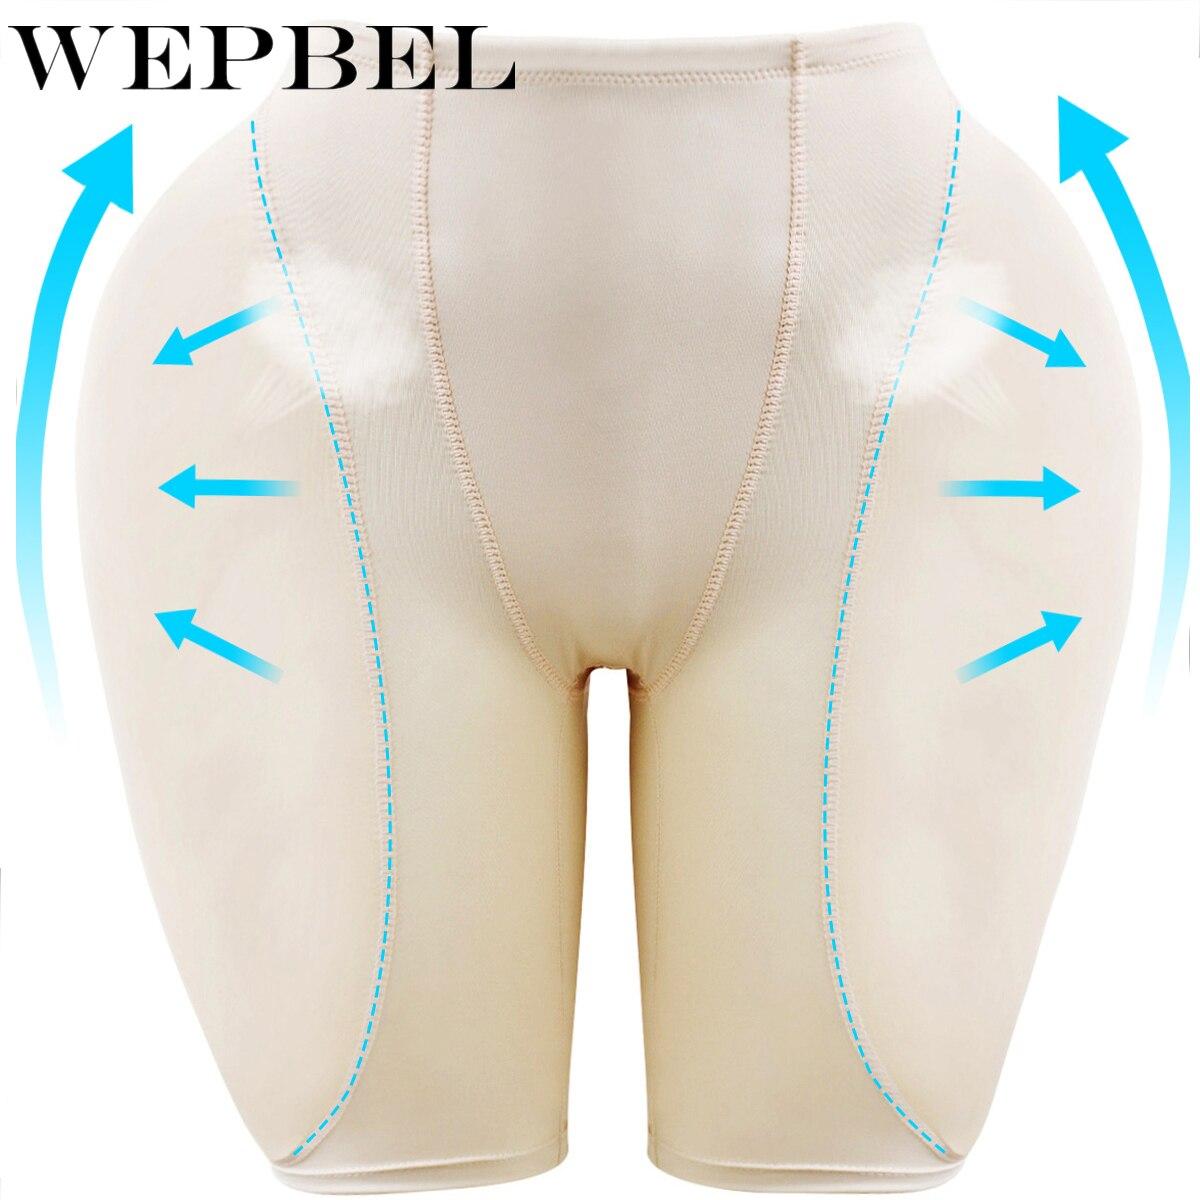 WEPBEL Ложные Ass подтягивающее ягодицы сексуальные пуш-ап для интимных утягивающие бёдра Up бюстгальтер, трусики, нижнее белье, трусы Для женщин...